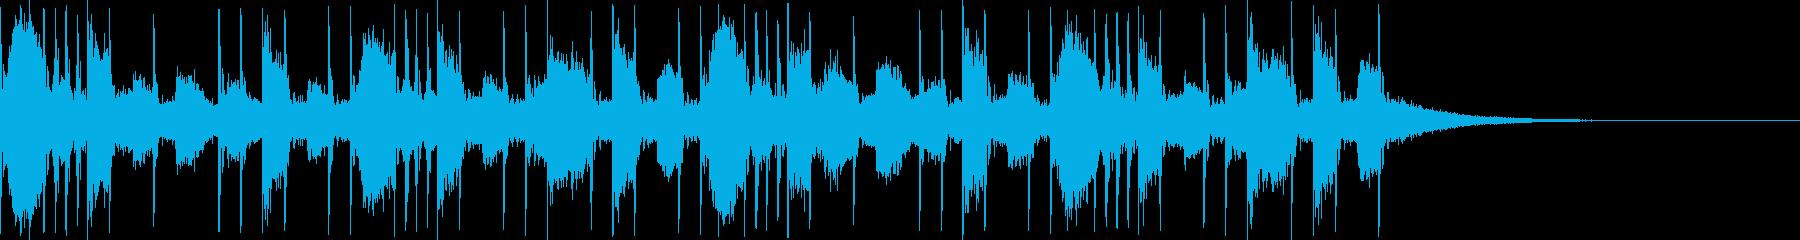 リアルなドラム2バス使用のリズムです。の再生済みの波形